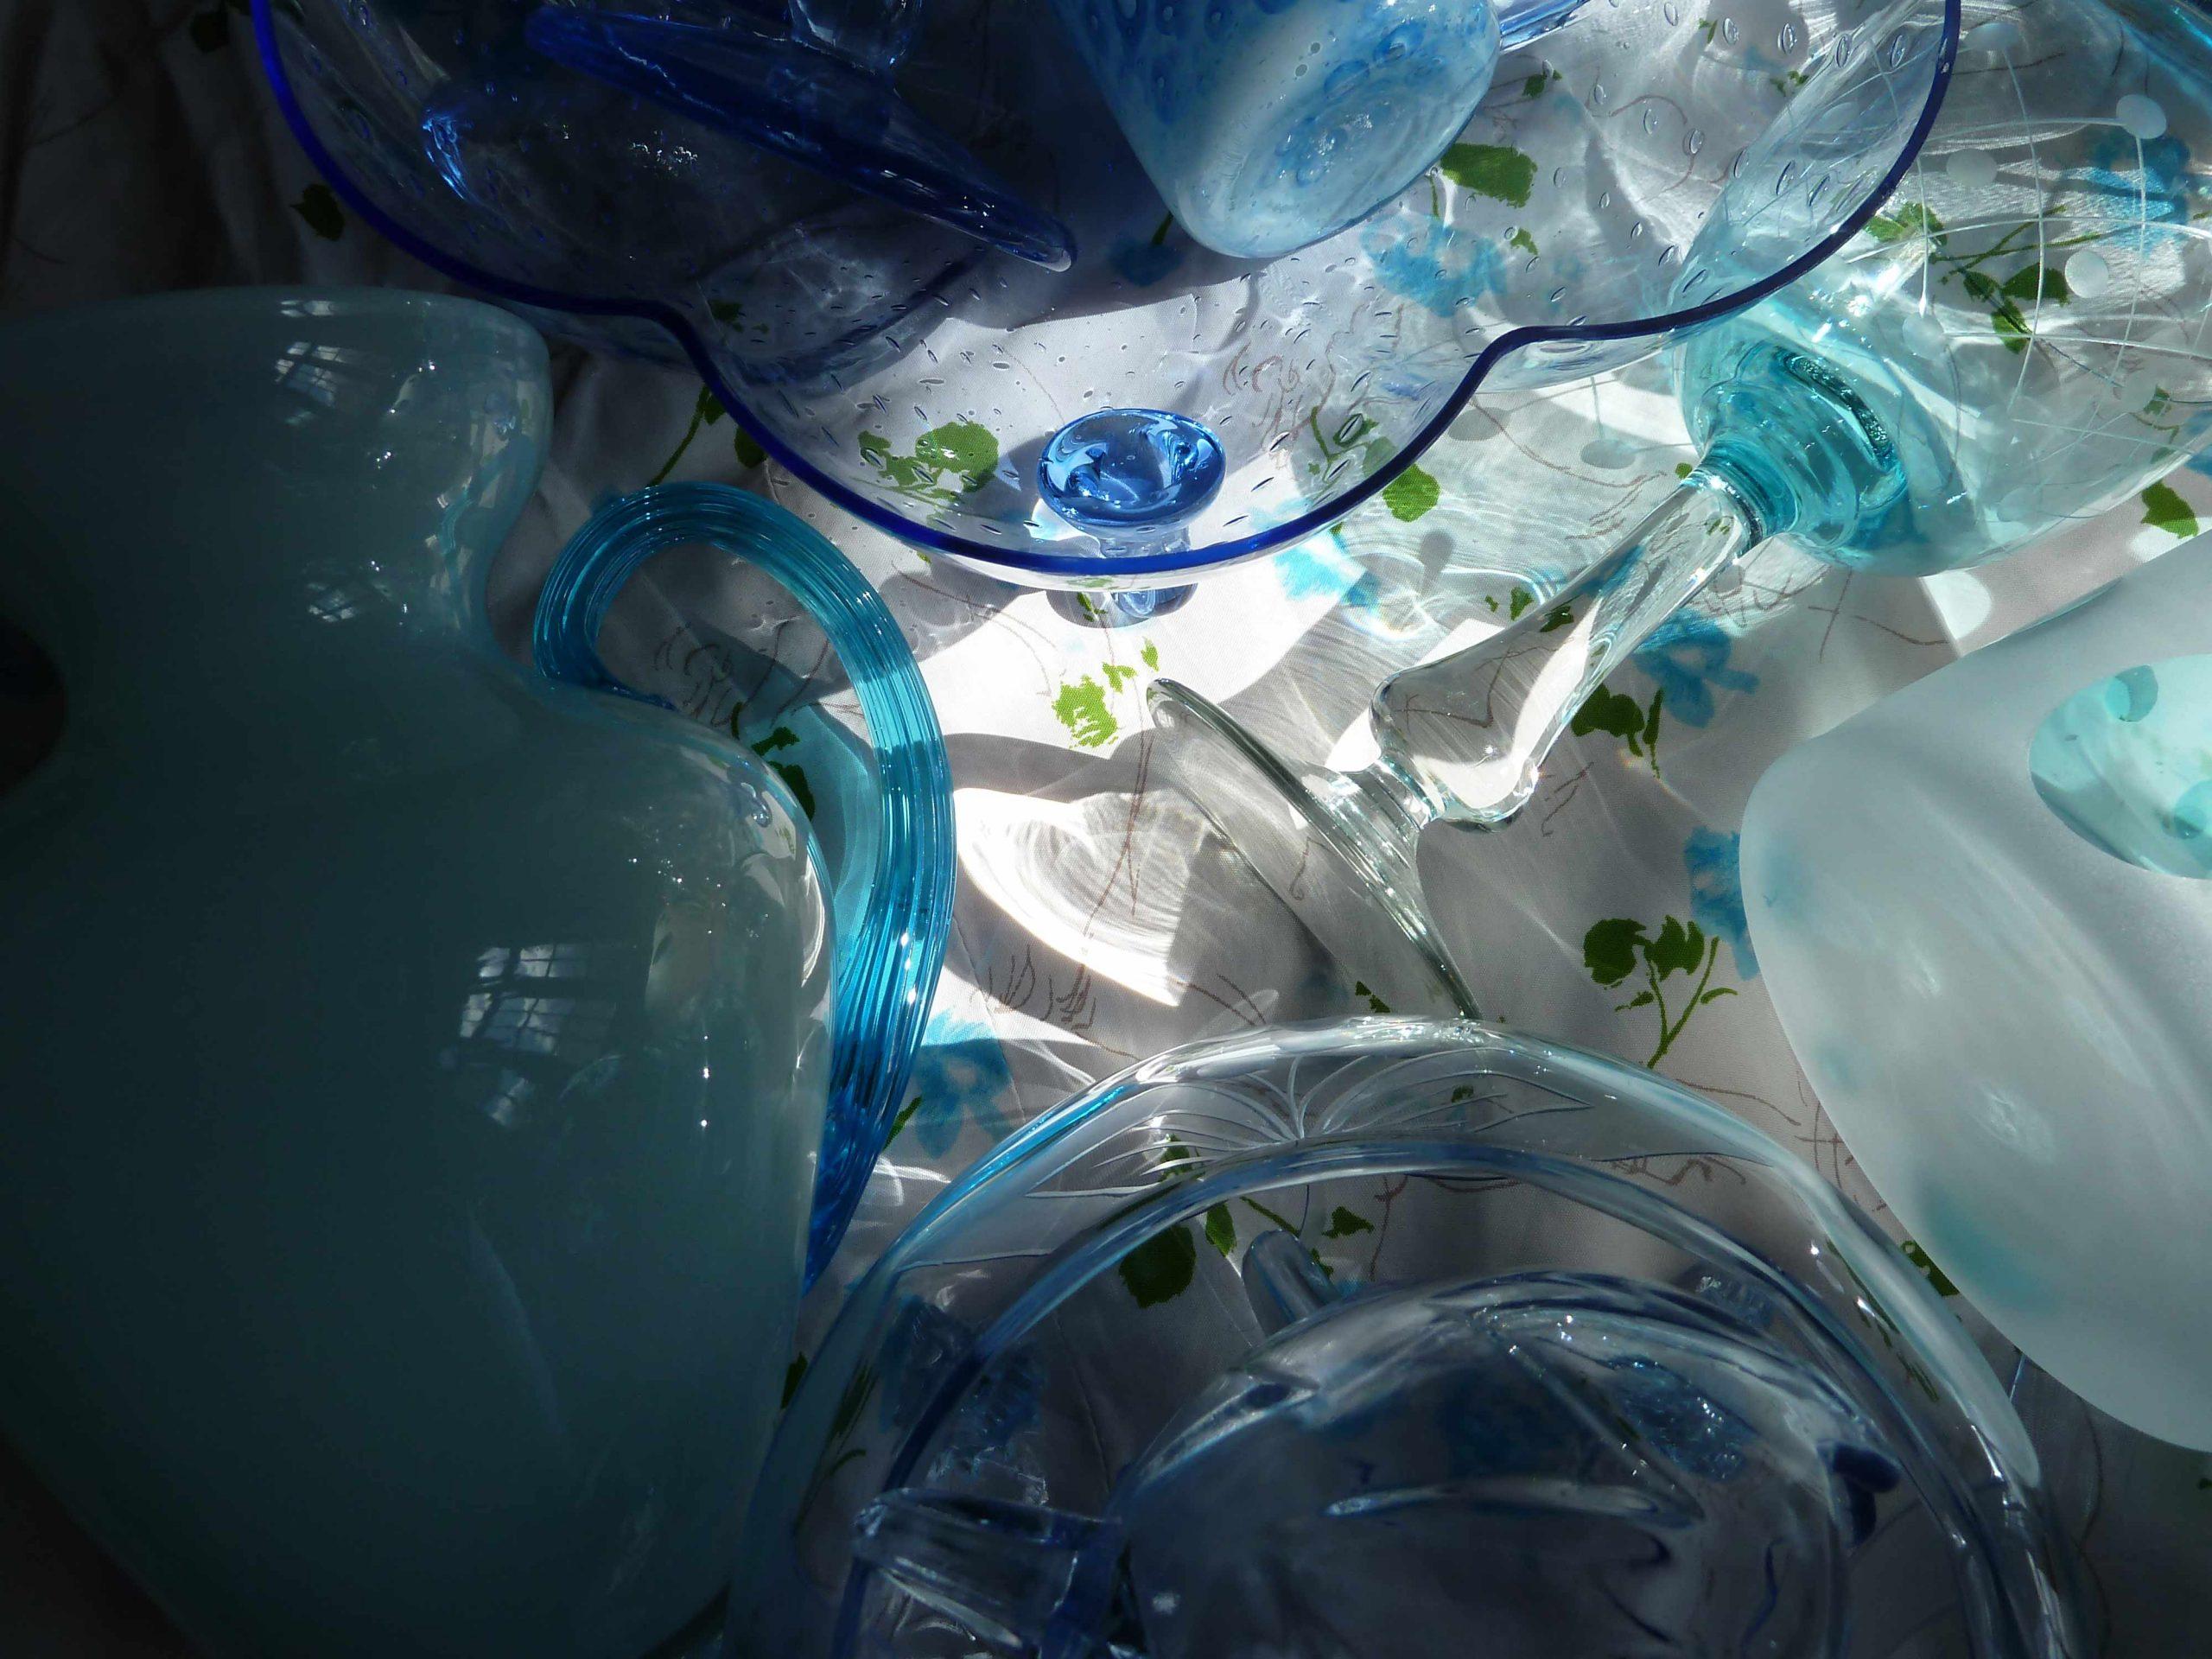 schönen Tach noch blaues Glas Licht Schattenspiel